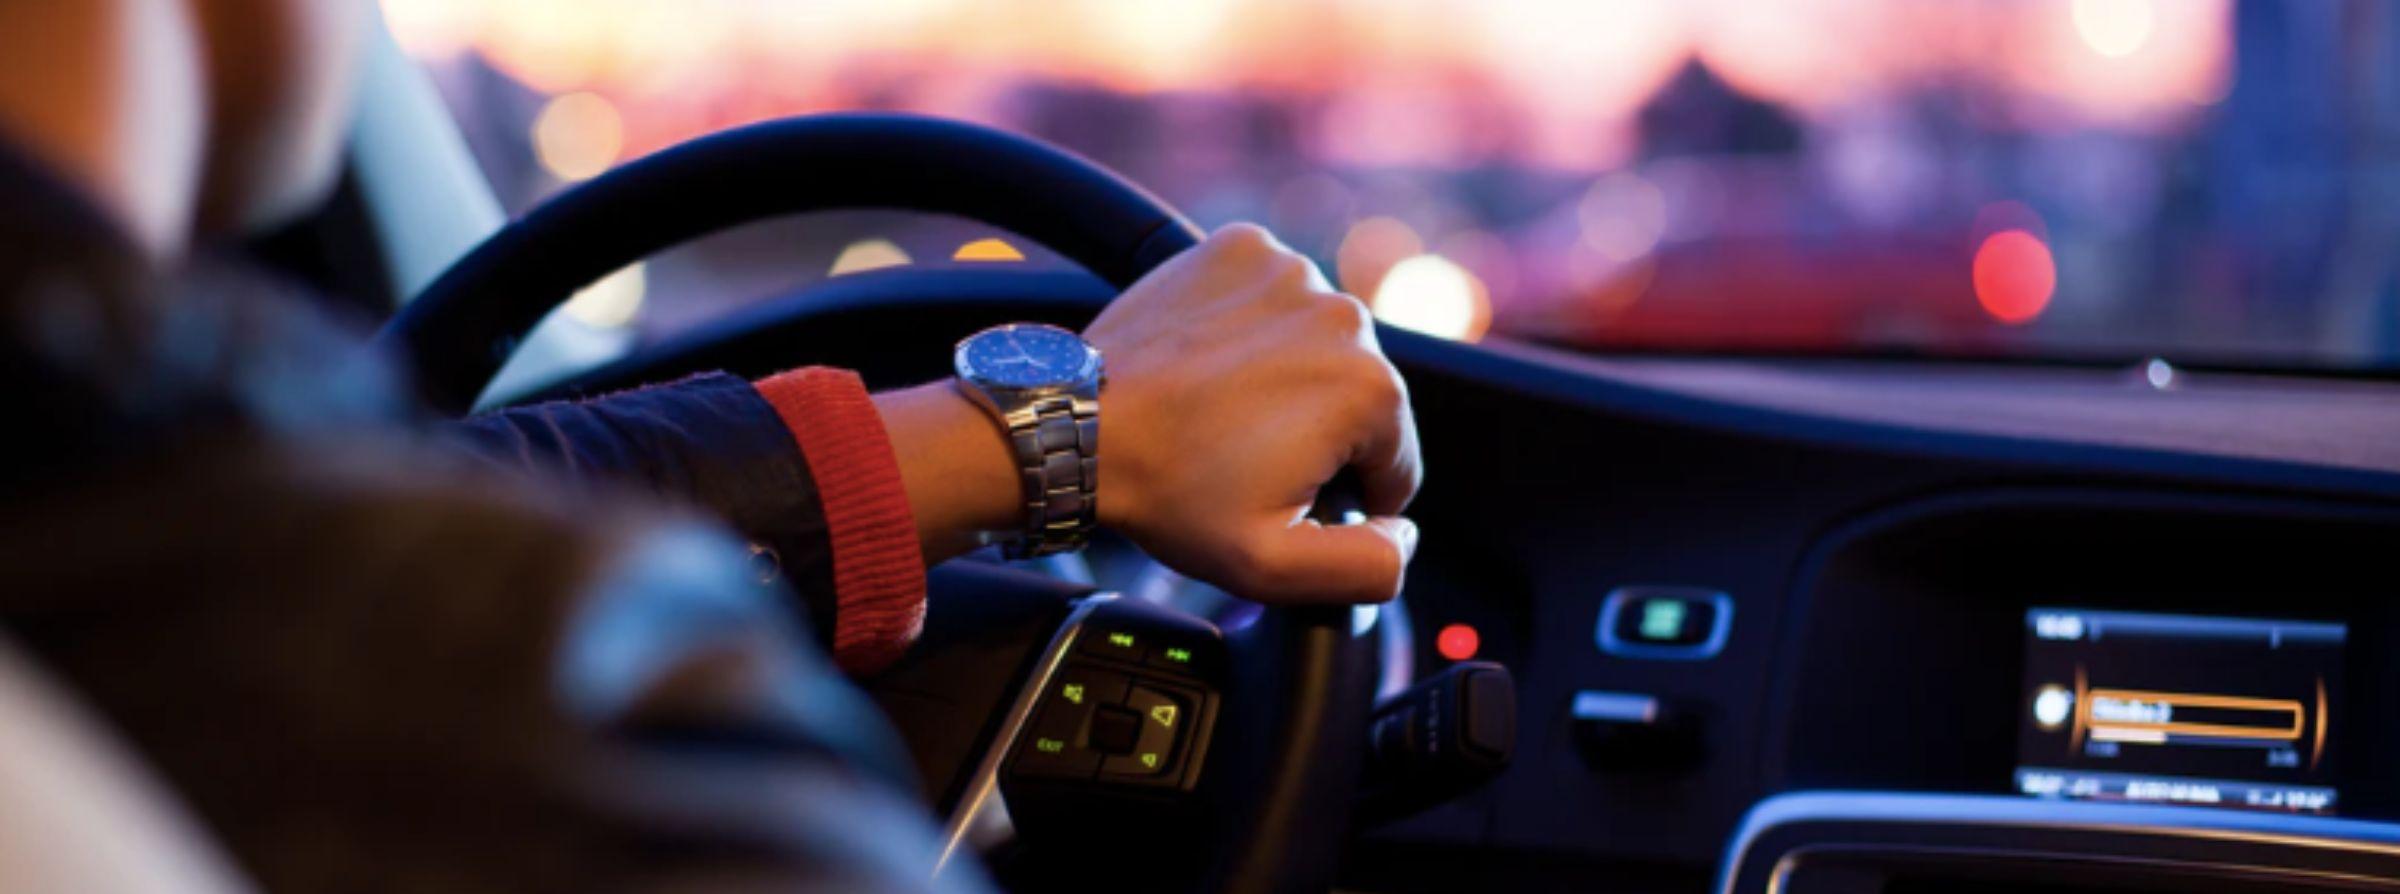 Permis de conduire : comment l'obtenir du premier coup ?